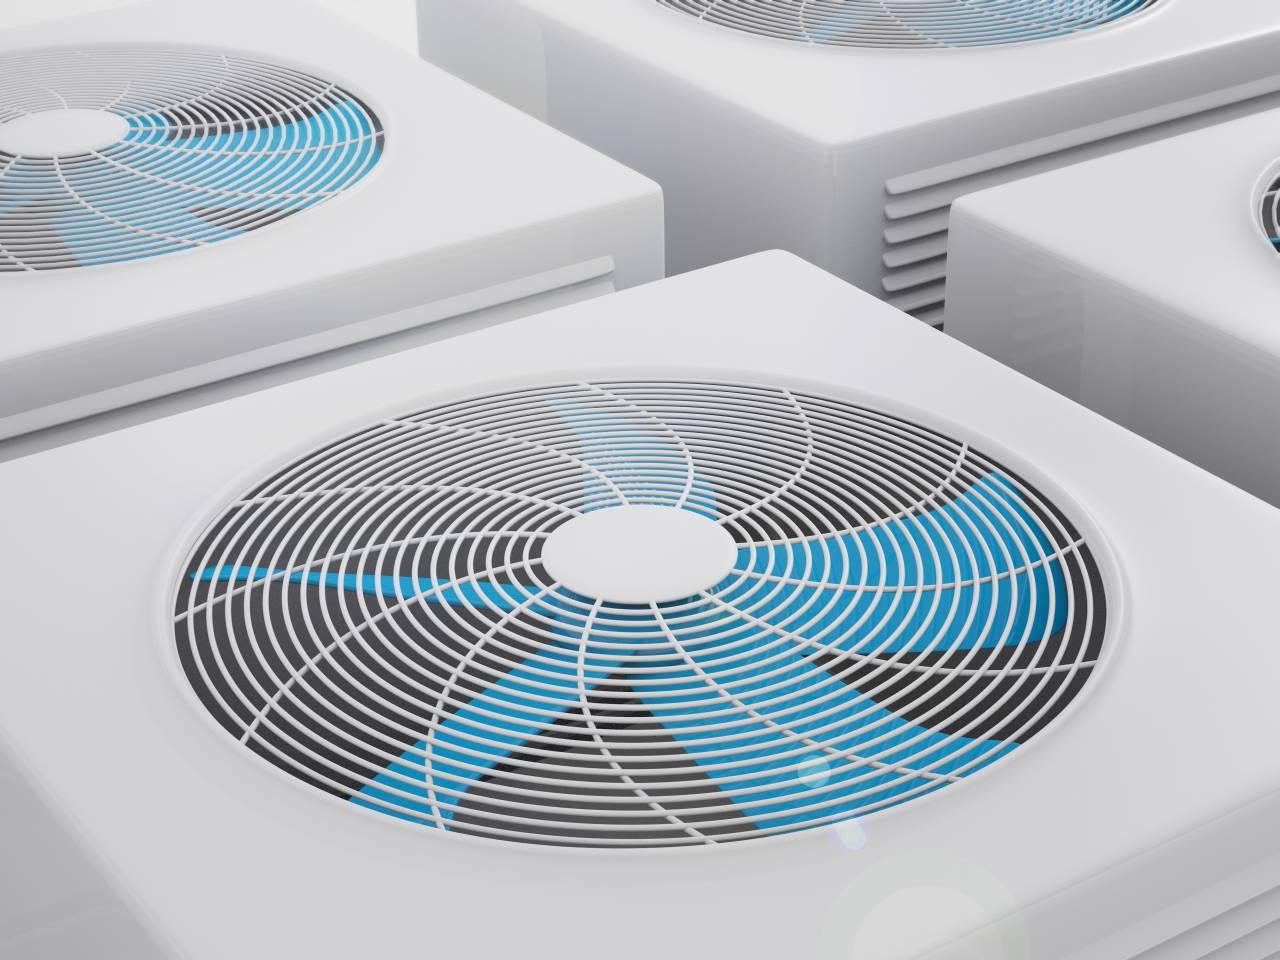 klimaanlagen in den usa nicht wegzudenken. Black Bedroom Furniture Sets. Home Design Ideas